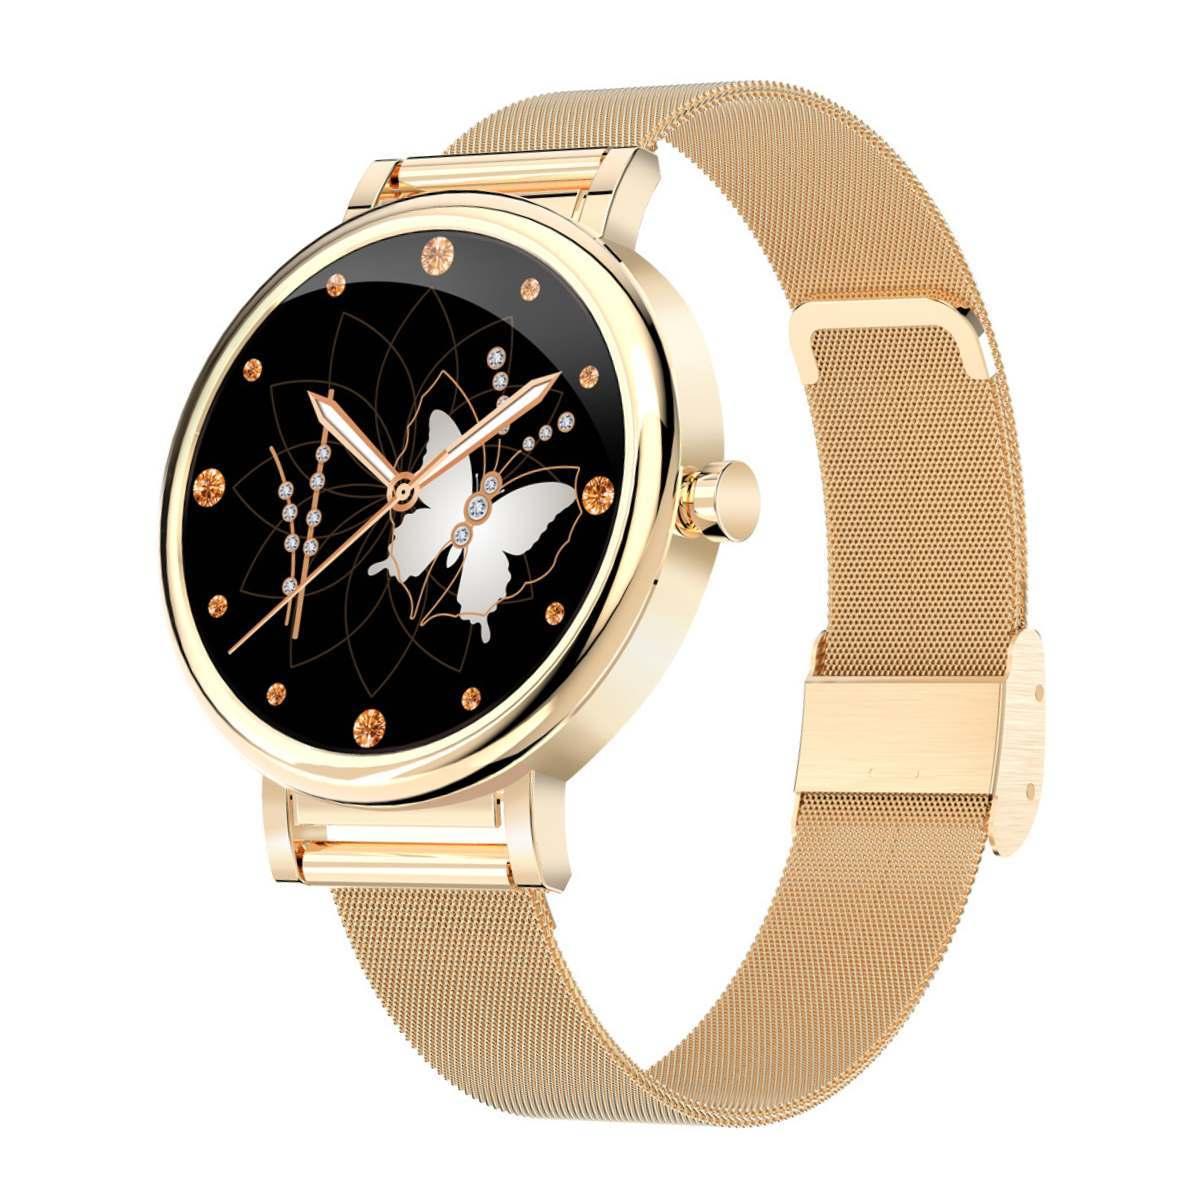 Каталог Смарт часы женские KingWear LW06 Смарт_часы_KingWear_LW06_new__1_.jpg